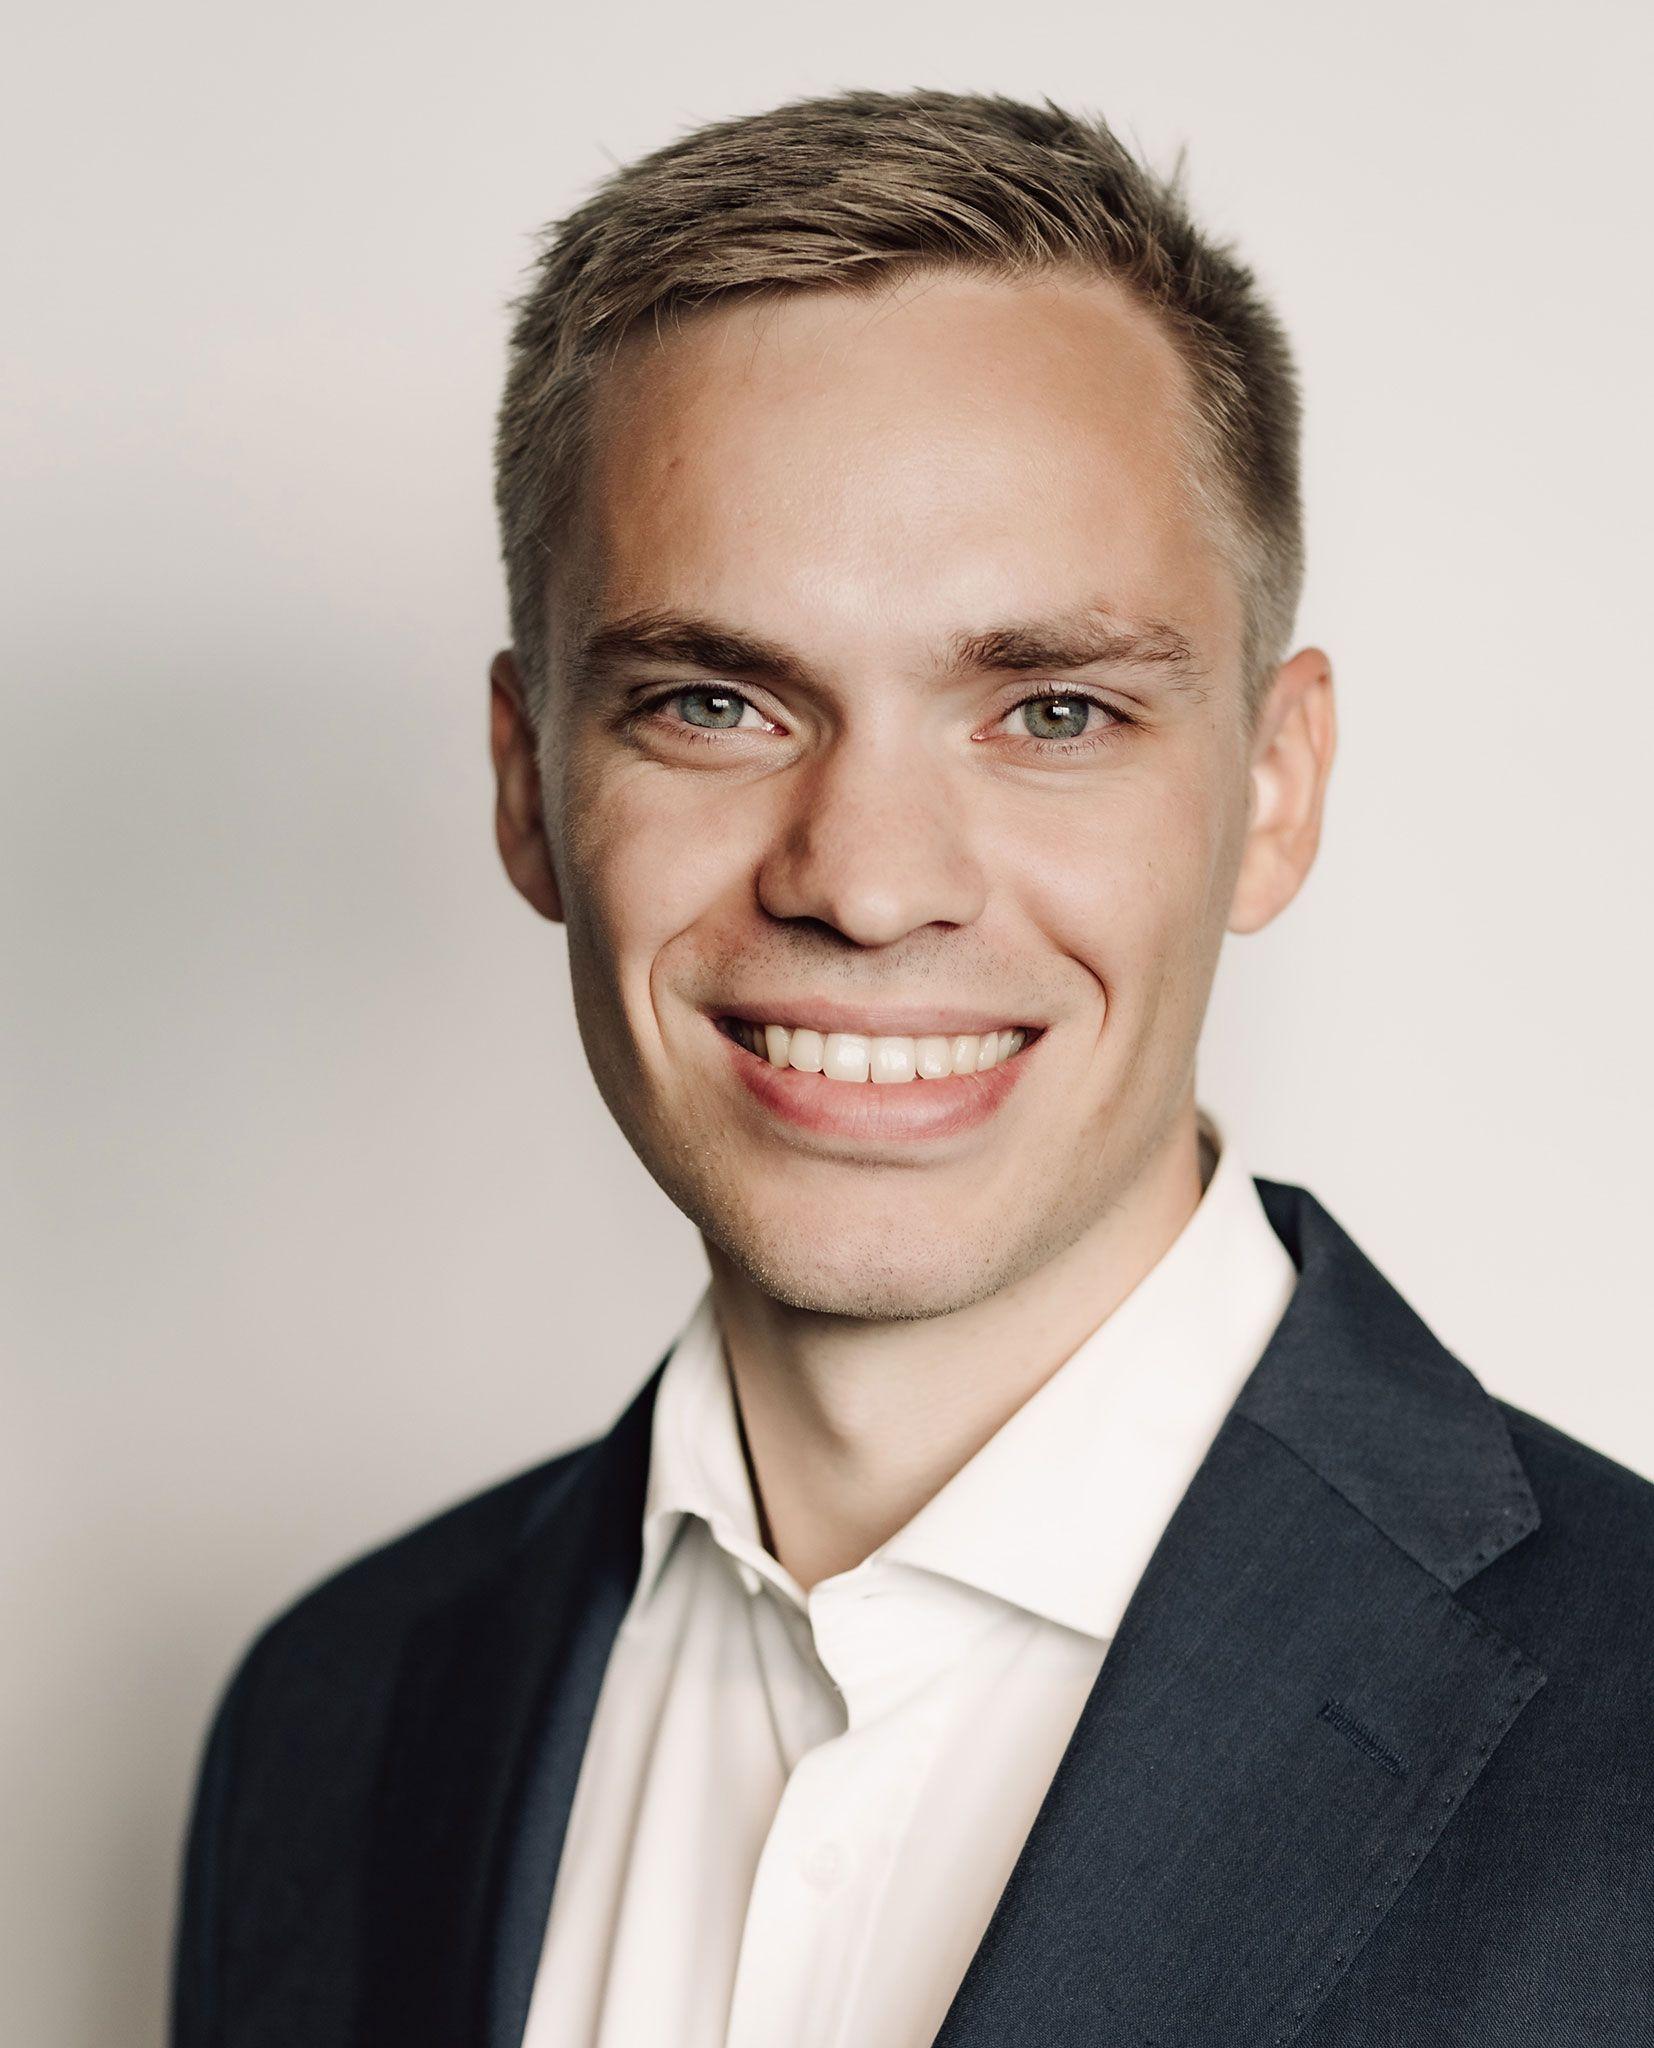 Ole Kristian Ådnanes